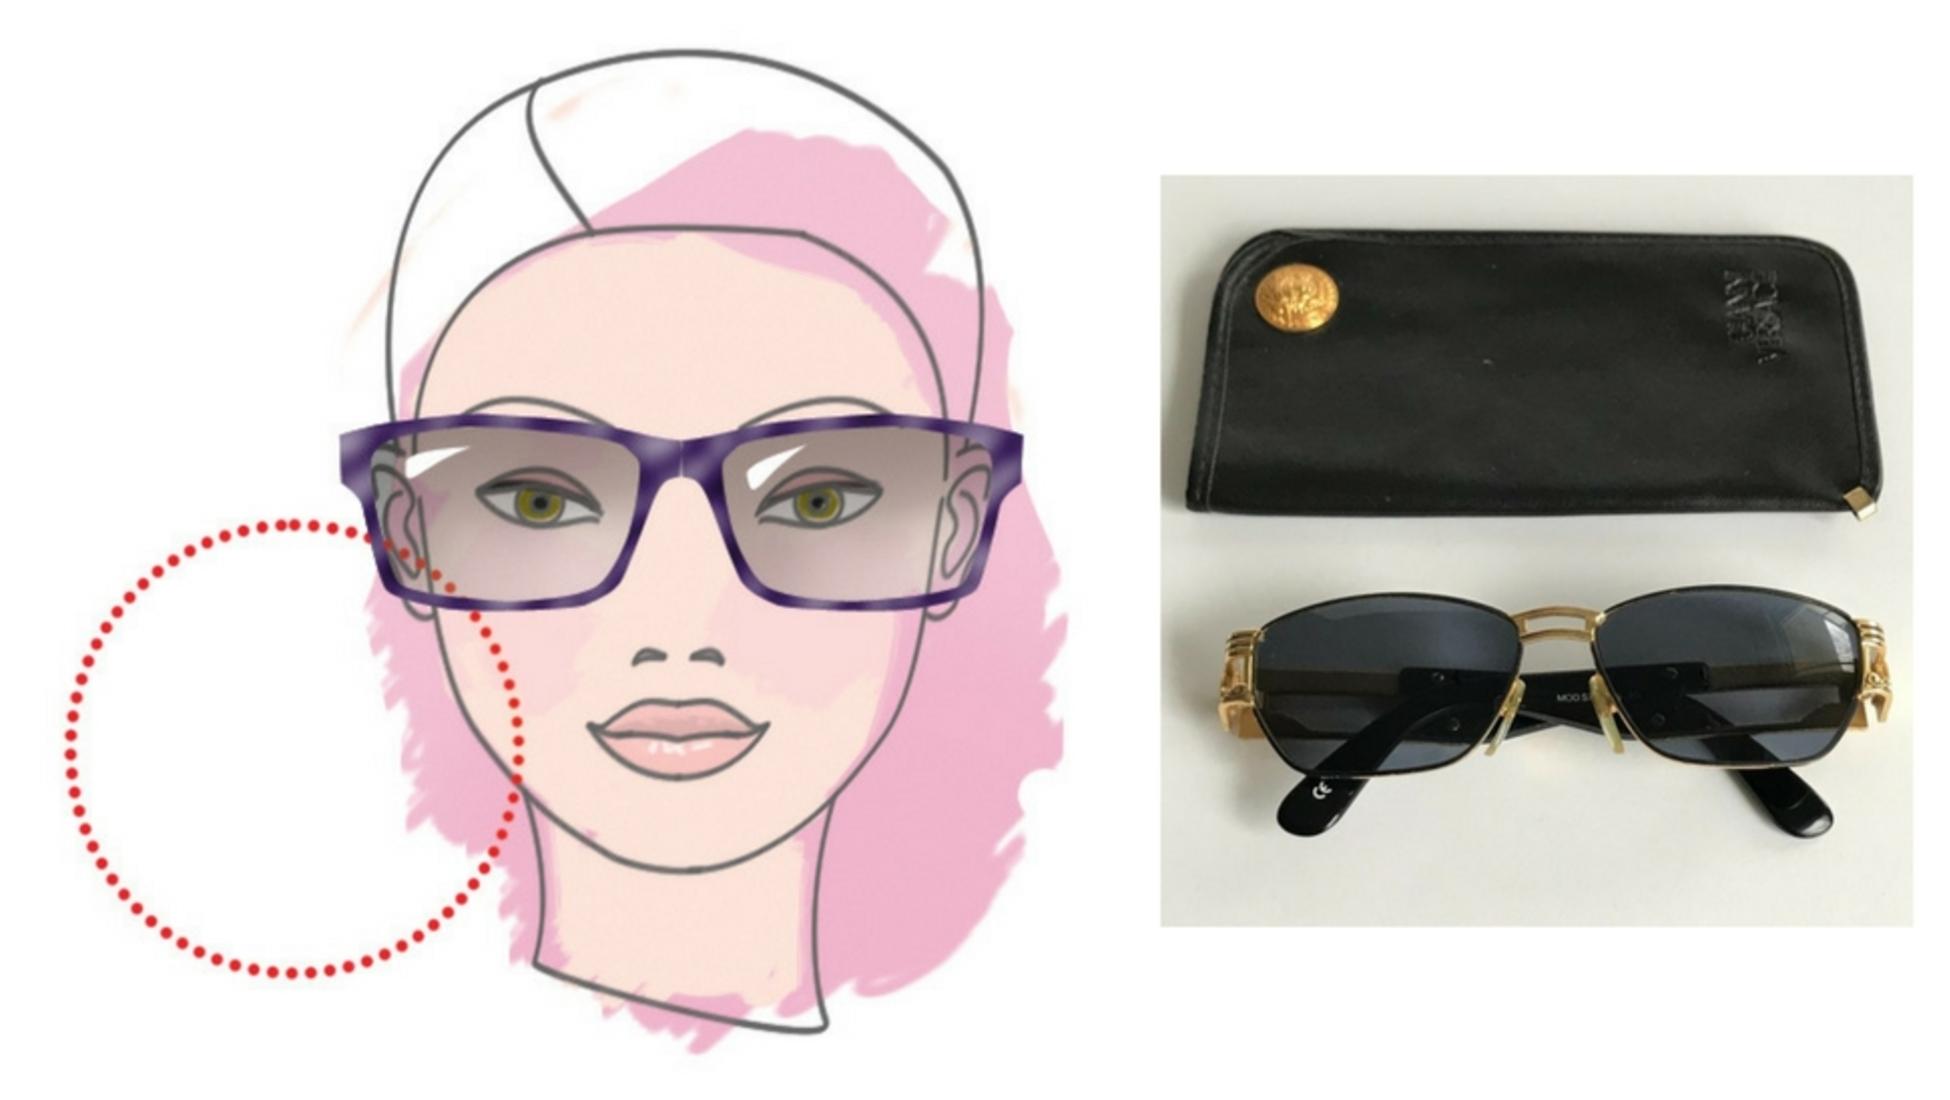 51668d7622 Les suggestions de Clémentine ? Cette paire de lunettes de soleil Versace  angulaires feront parfaitement l'affaire aussi bien pour les hommes que pour  les ...